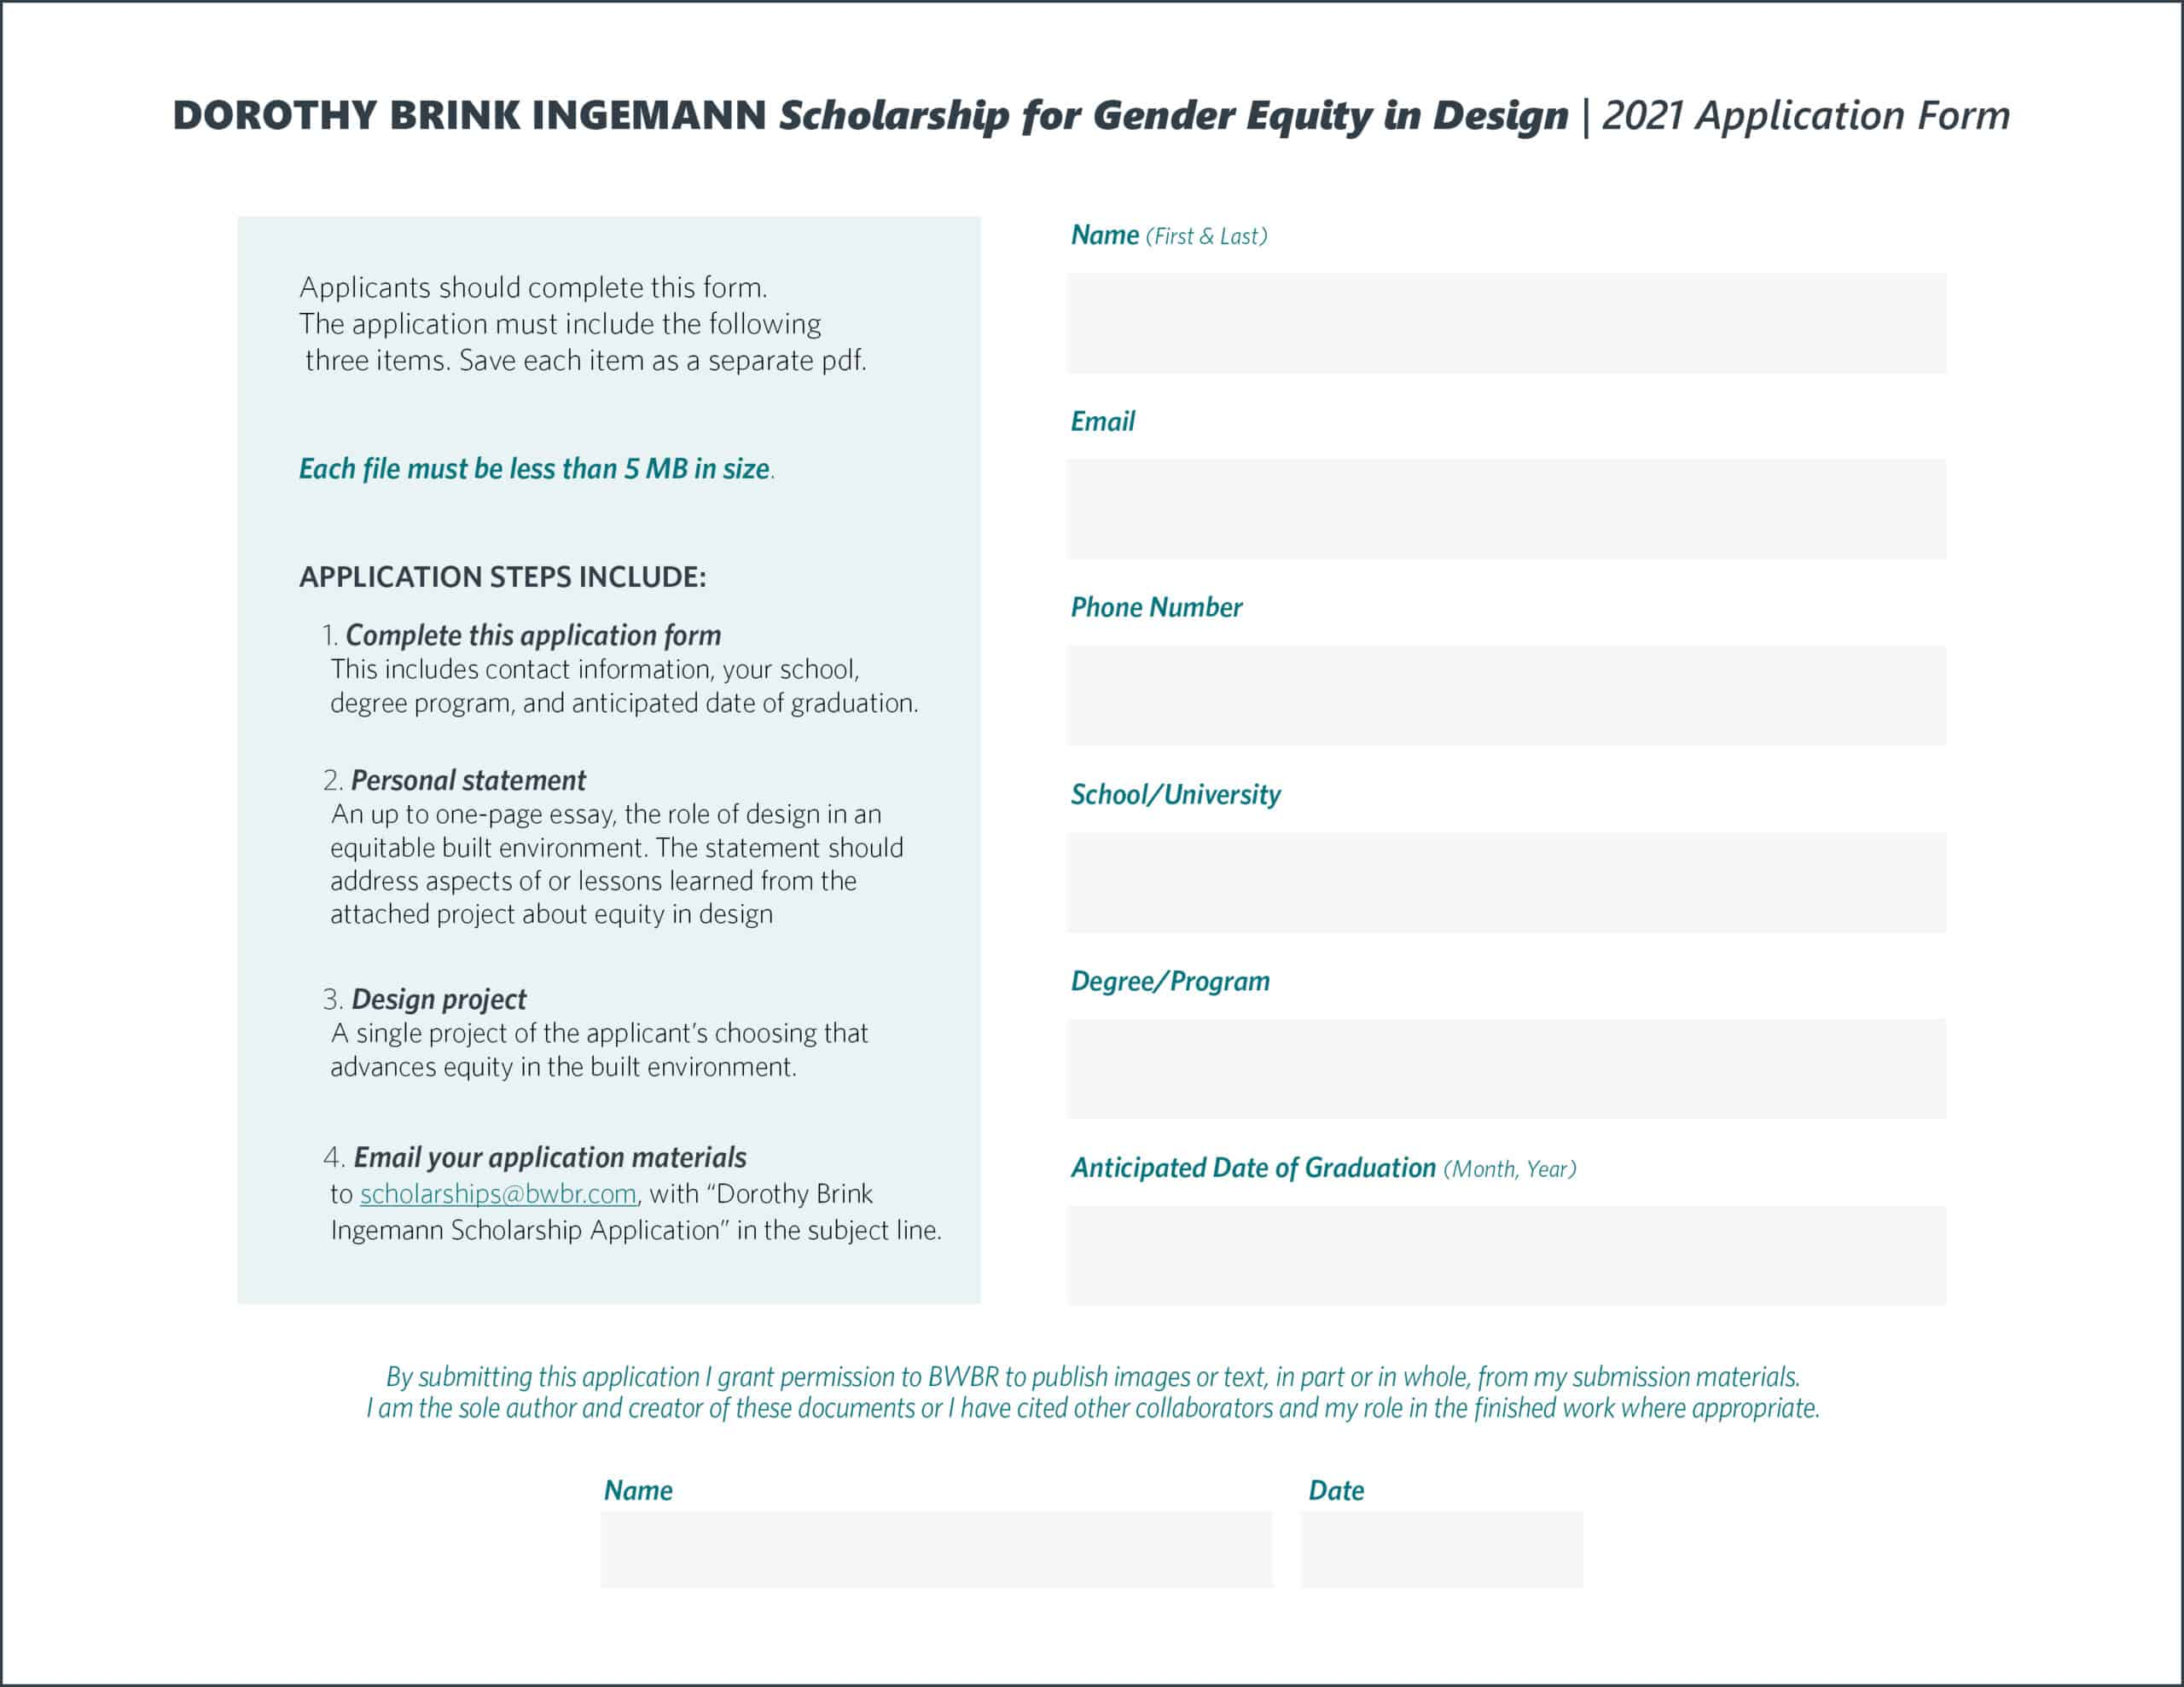 Dorothy Brink Ingemann Scholarship for Gender Equity in Design Application Form